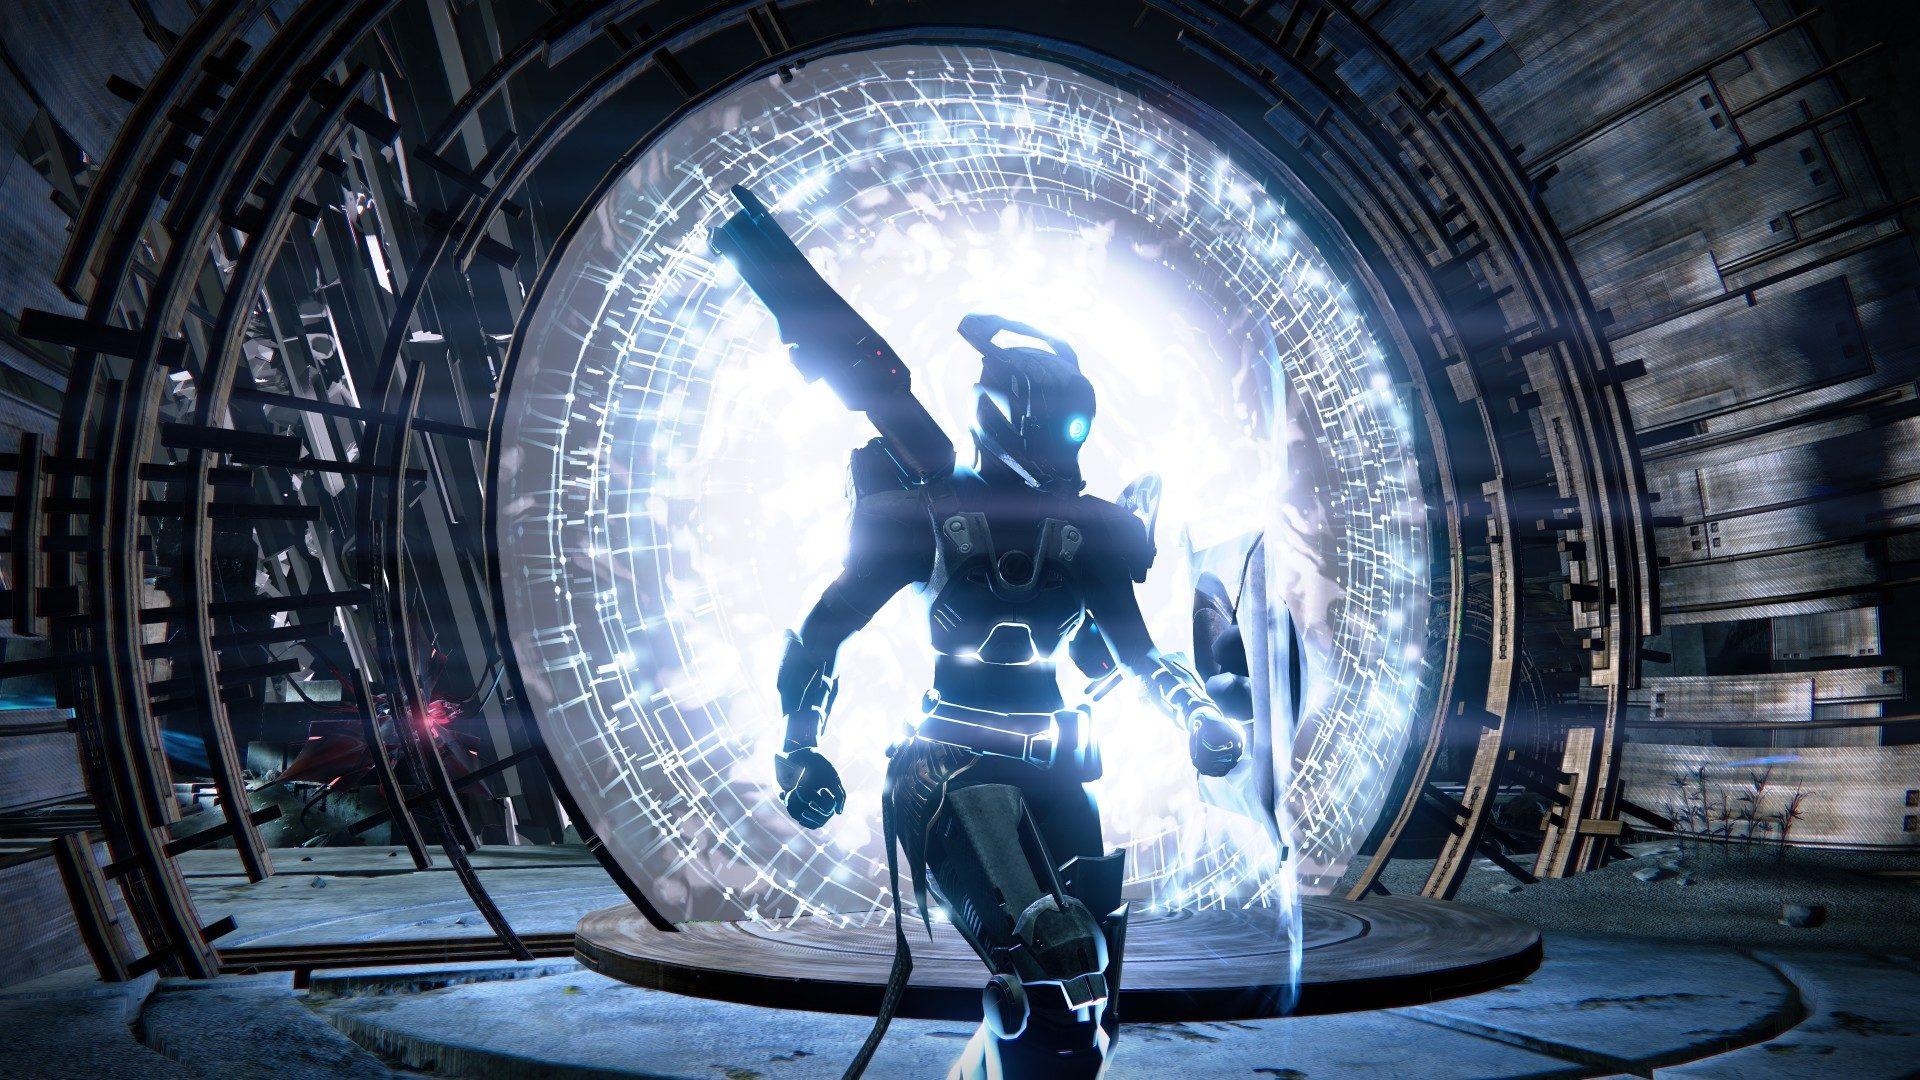 Destiny: Age of Triumph